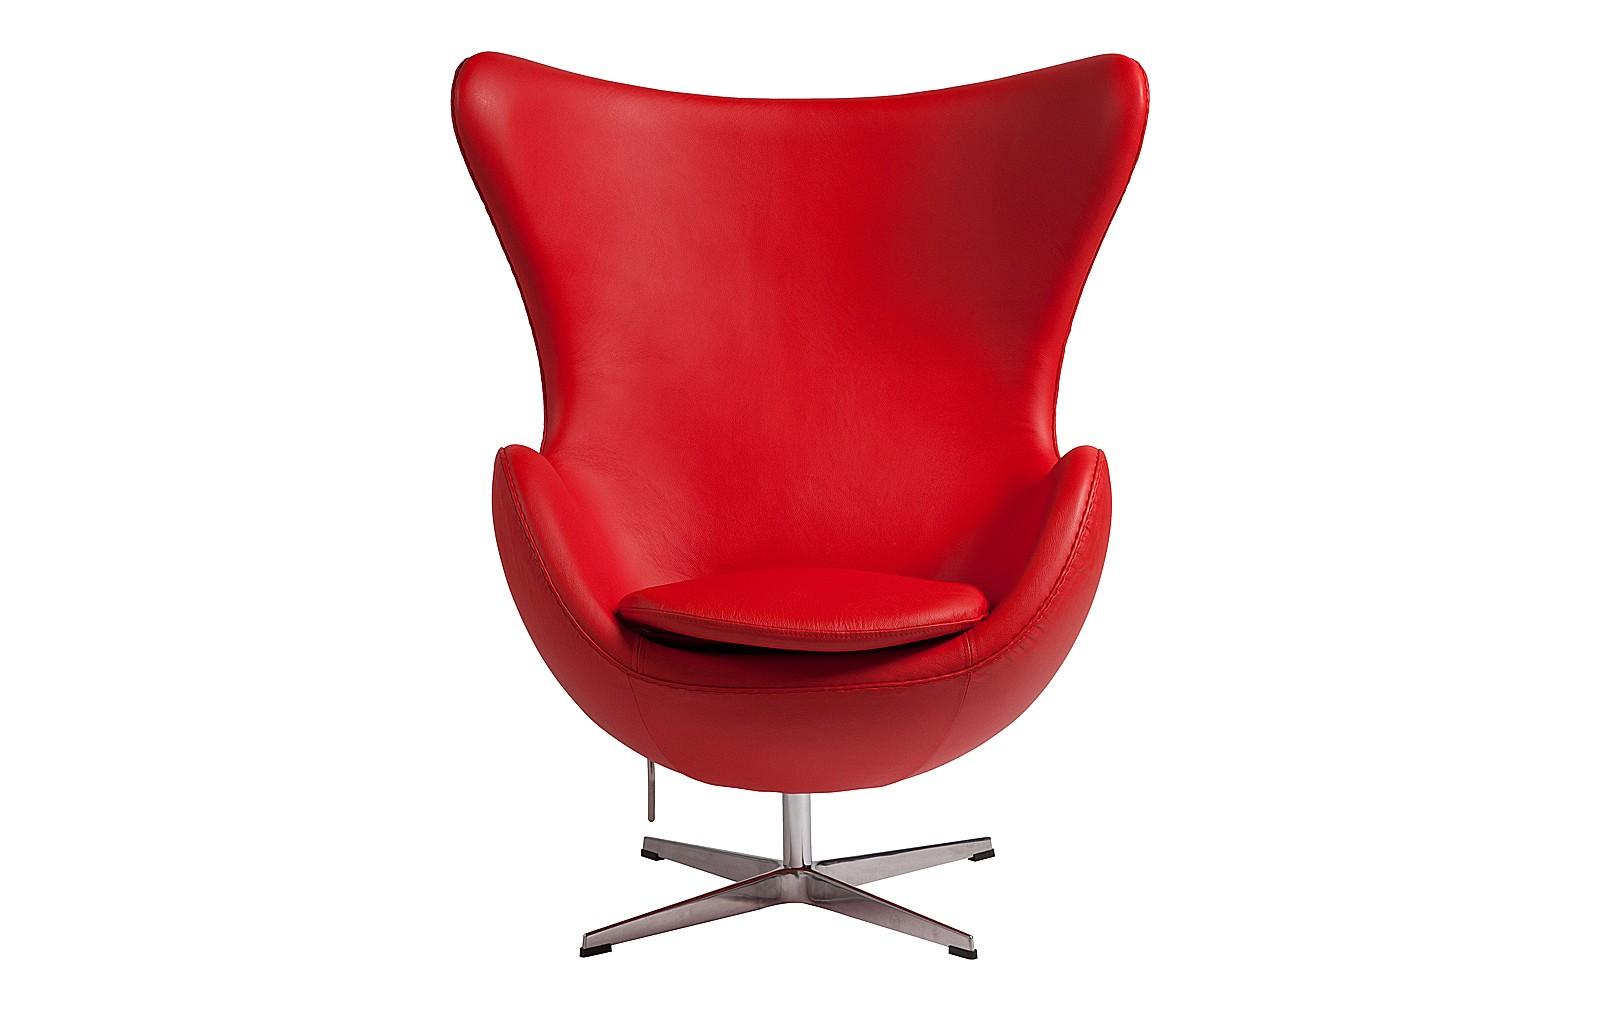 Кресло Egg ChairКожаные кресла<br>&amp;lt;span style=&amp;quot;line-height: 24.9999px;&amp;quot;&amp;gt;Ярко-красное кресло из натуральной кожи добавит&amp;amp;nbsp;экспрессии&amp;amp;nbsp;любому интерьеру. Оно без стеснения займет лучшее место, сконцентрировав внимание на своей персоне. &amp;amp;nbsp;&amp;quot;Egg Chair&amp;quot; создаст&amp;amp;nbsp;энергичное&amp;amp;nbsp;пространство, обладатели которого открыты к экспериментам и не бояться перемен. Но несмотря на эффектную внешность, это кресло настроит на отдых в комфорте и уединении.&amp;lt;/span&amp;gt;<br><br>Material: Кожа<br>Width см: 76<br>Depth см: 82<br>Height см: 105